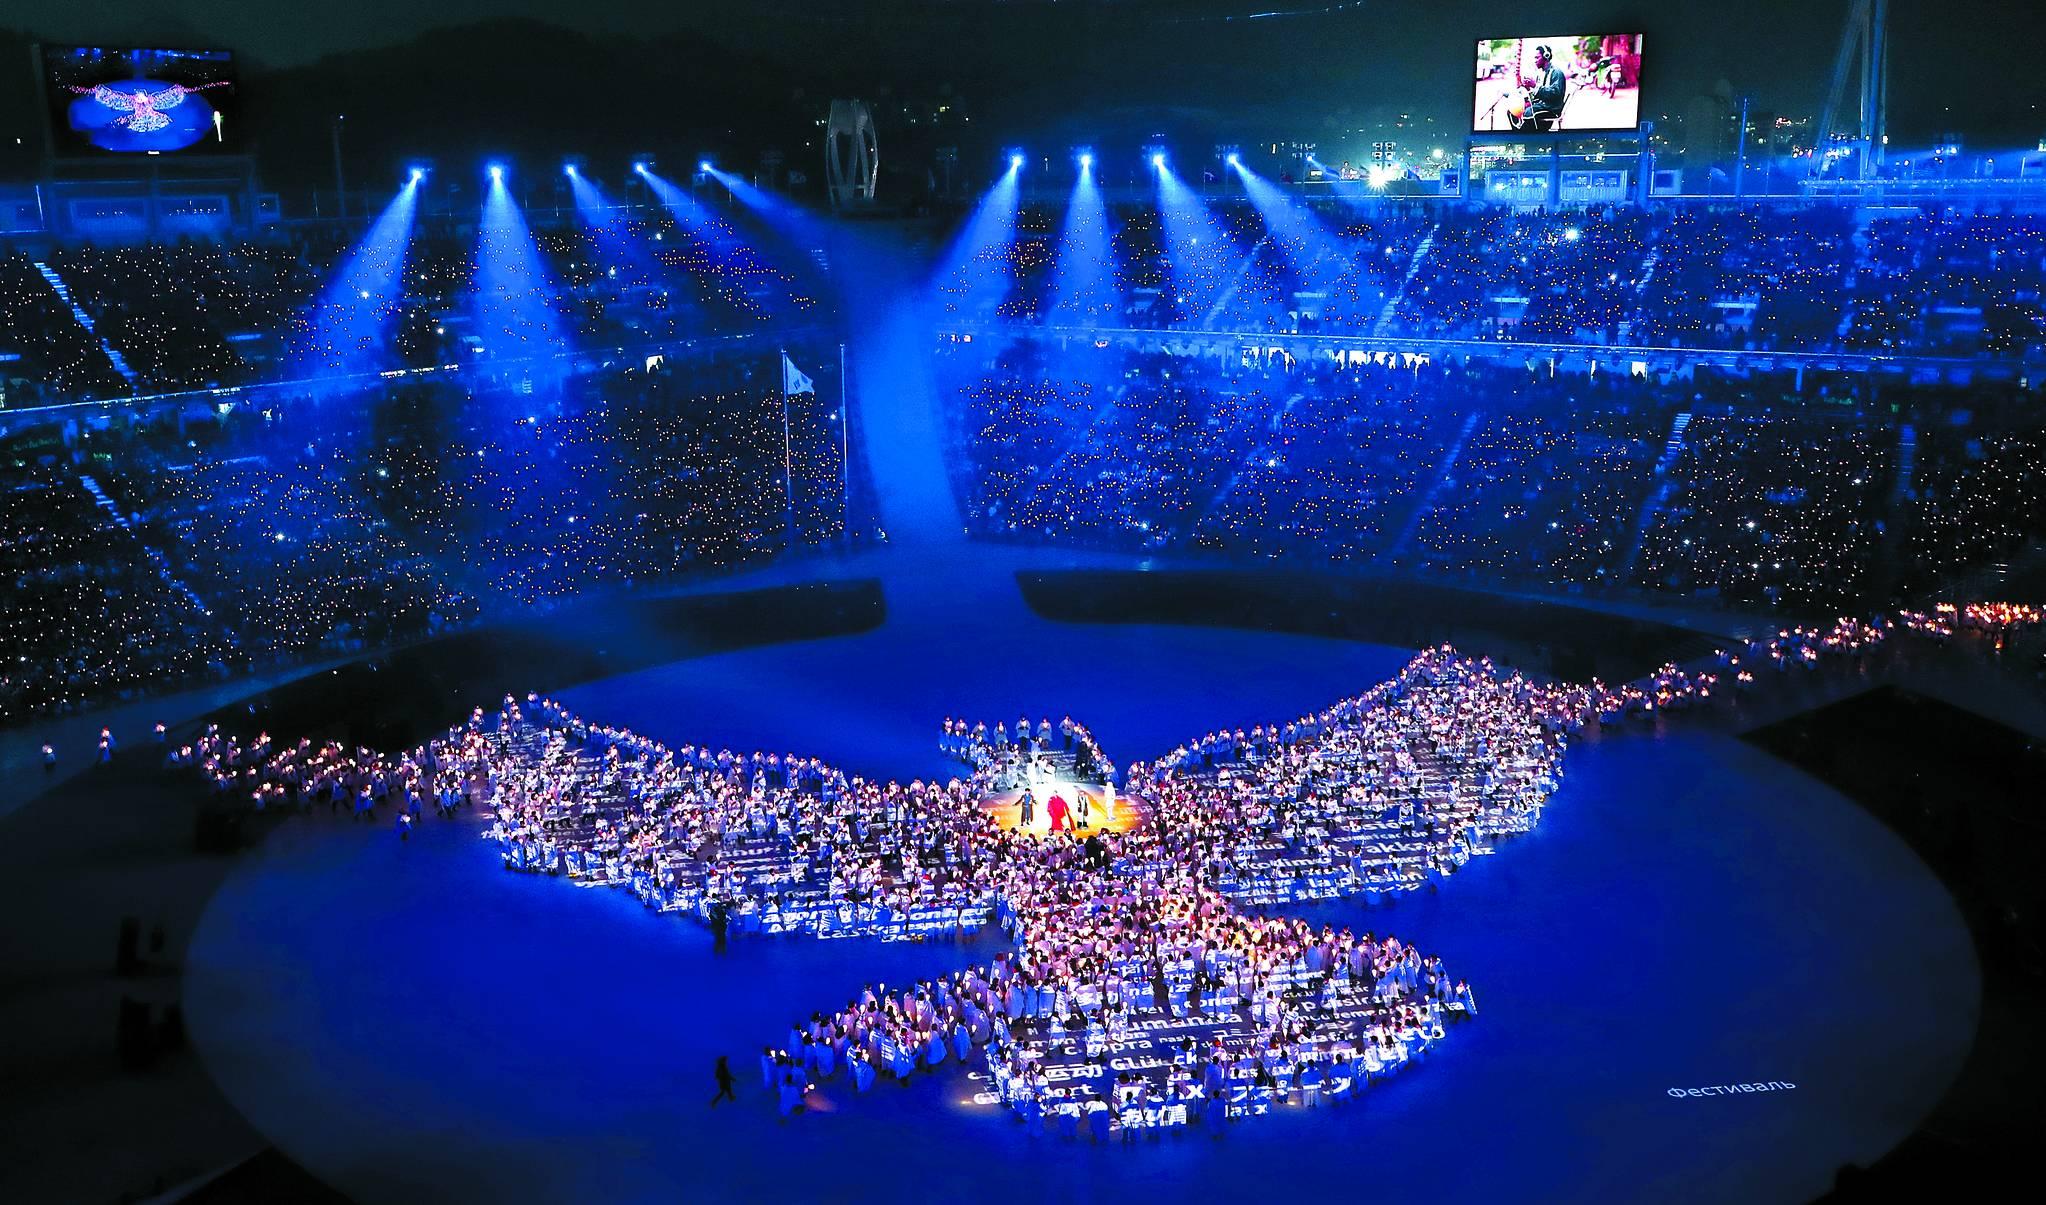 지난 2월 9일 강원도 평창 올림픽스타디움에서 열린 2018 평창동계올림픽 개막식에서 촛불로 만든 비둘기 형상을 배경으로 가수 하현우, 이은미, 전인권, 안지영이 'imagine'를 부르고 있다. [연합뉴스]